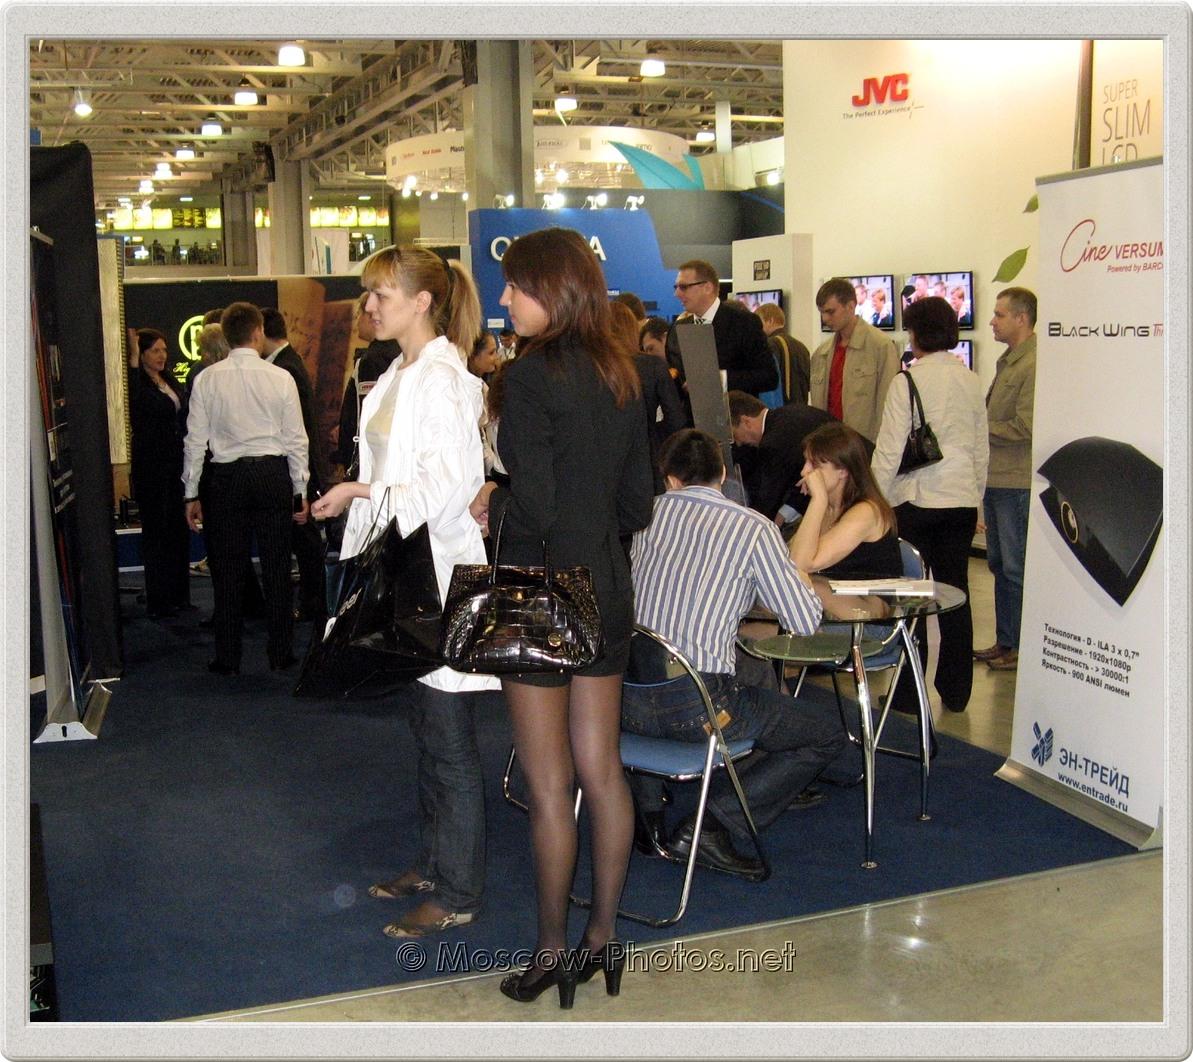 Photoforum - 2008